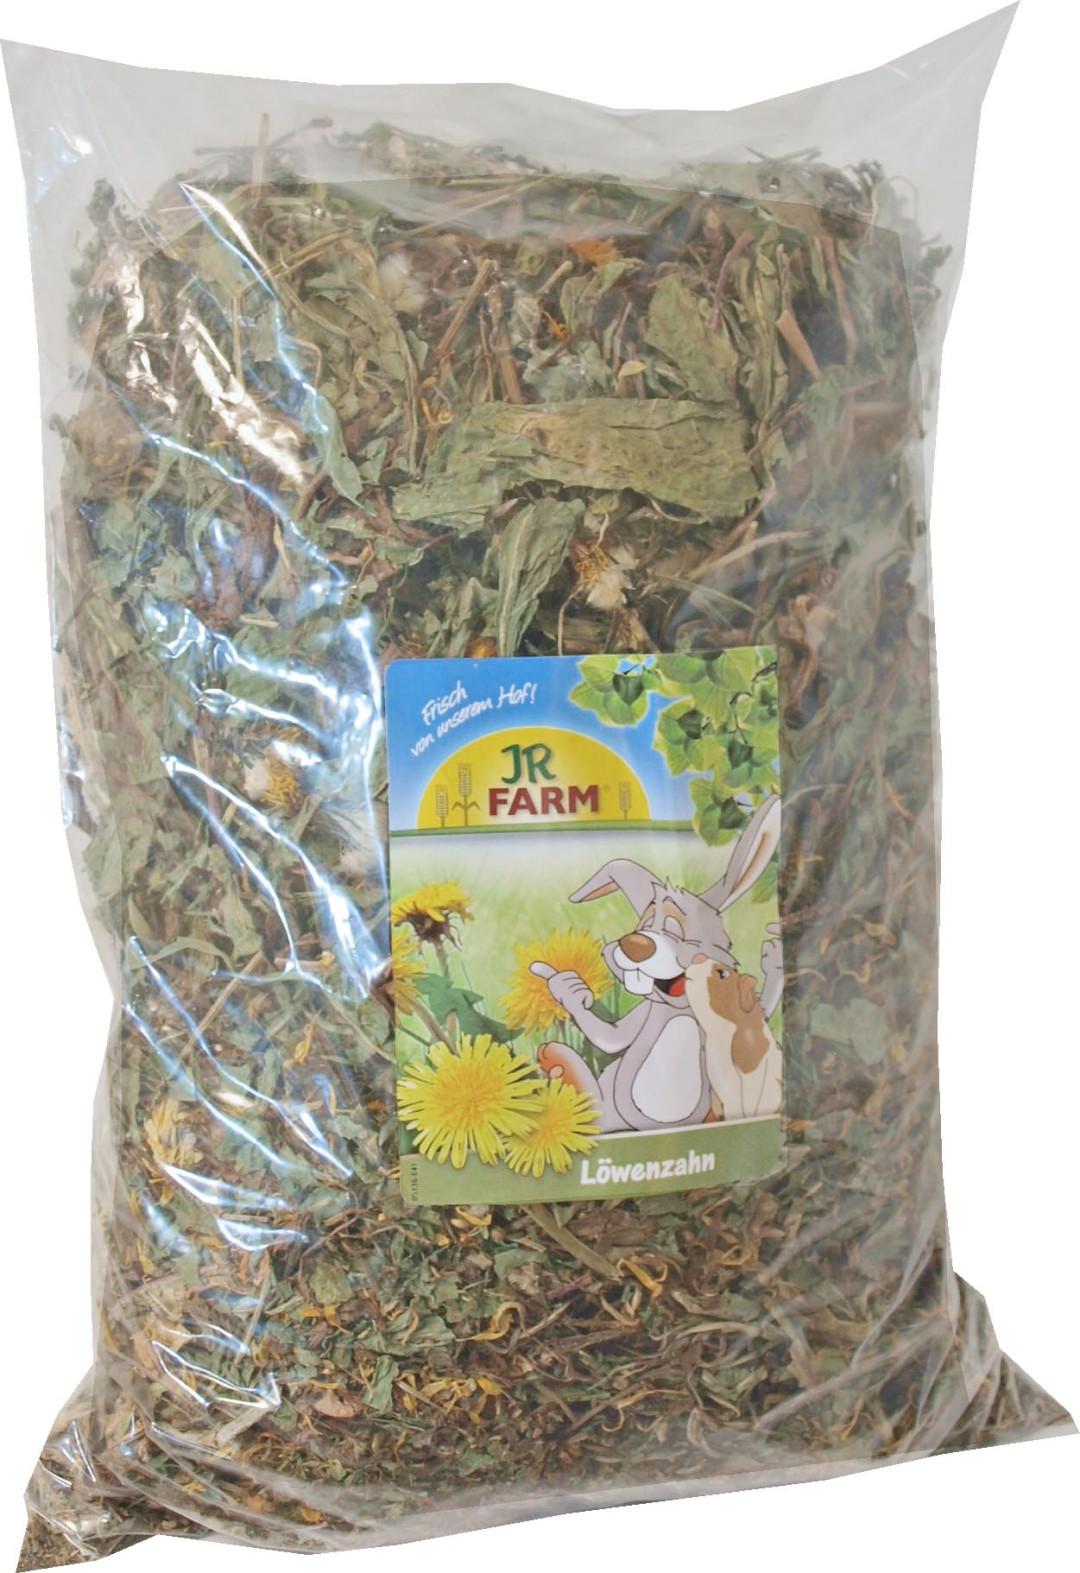 JR Farm paardenbloemen 500 gr